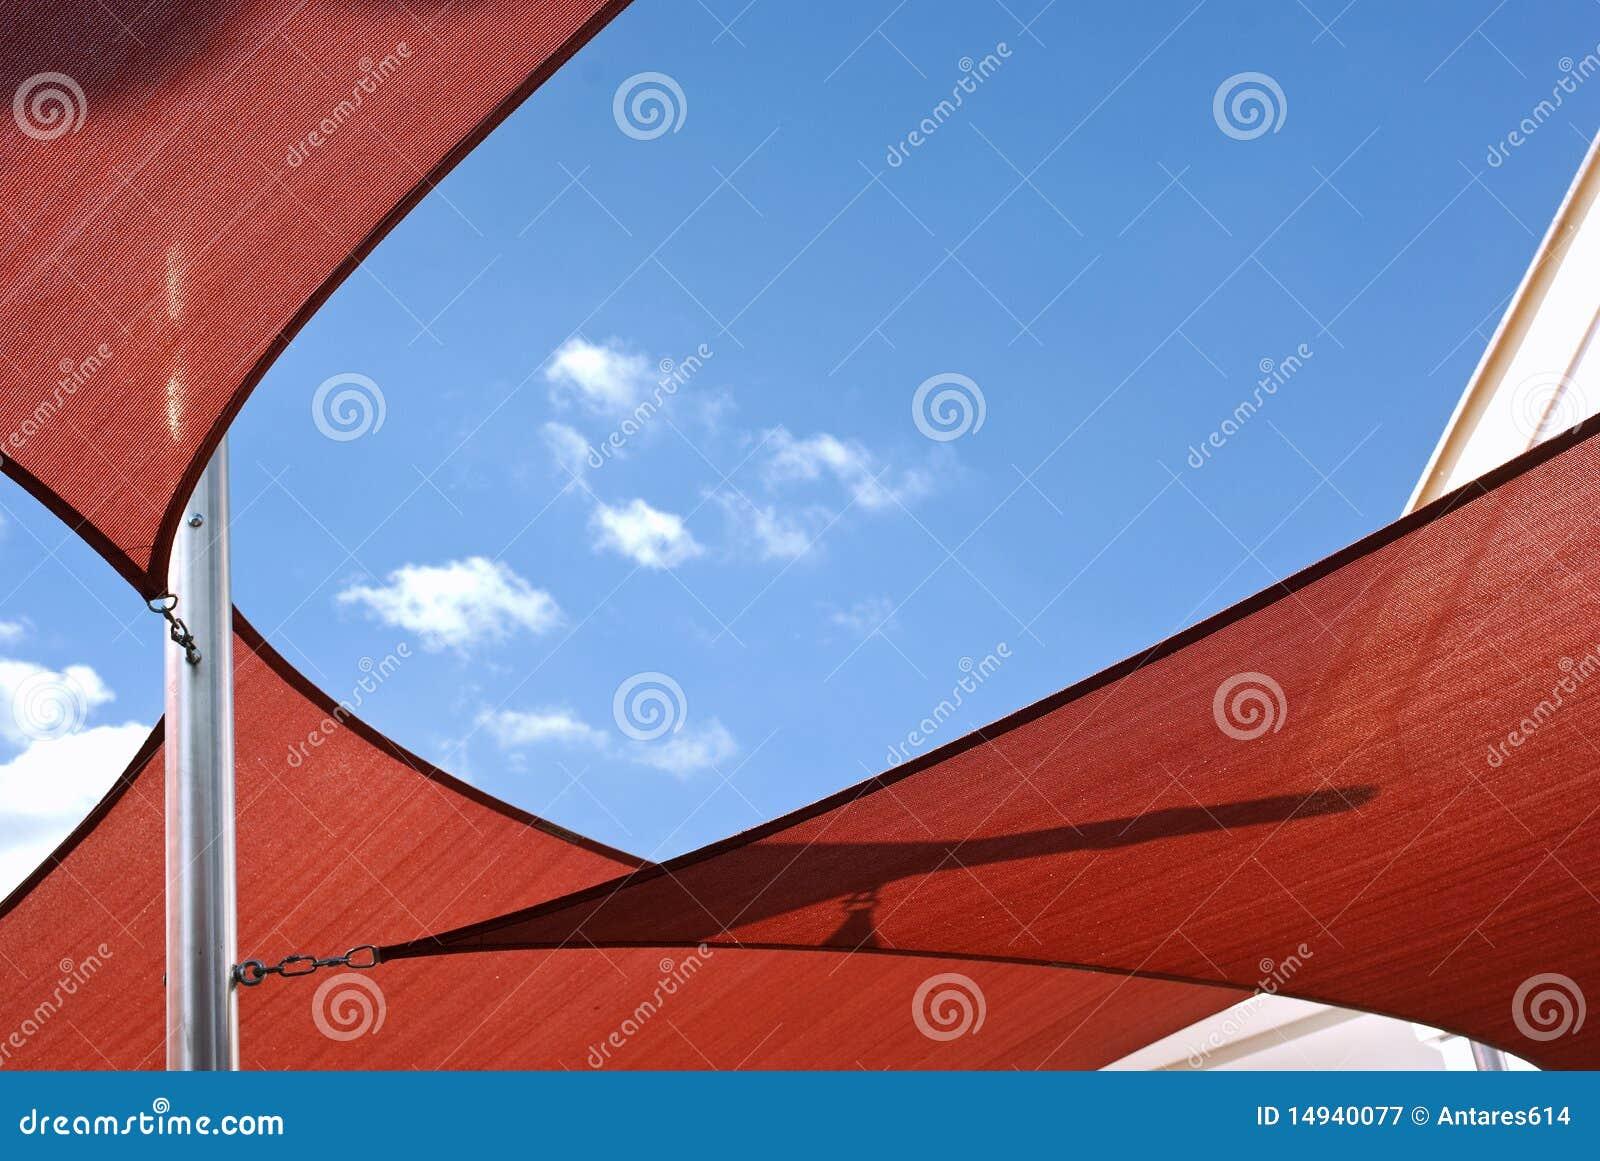 Sunshade sails